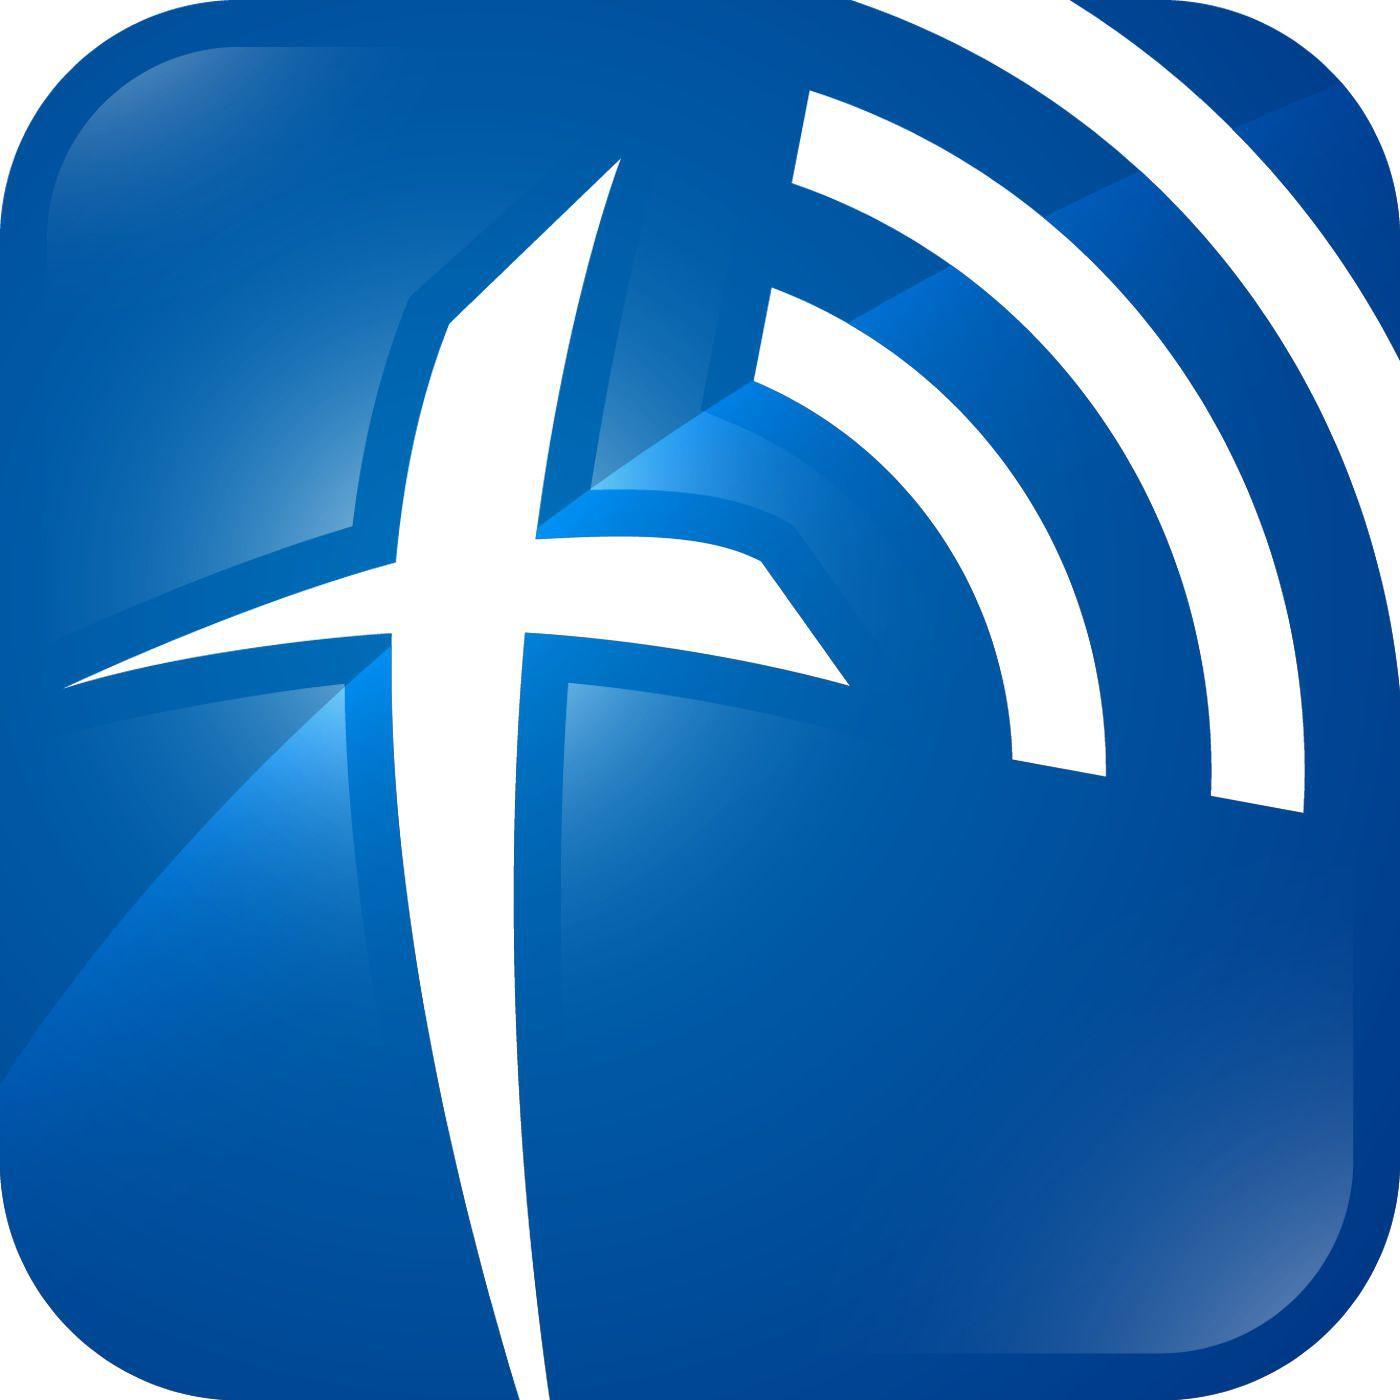 FAITH BAPTIST CHURCH INC Podcast